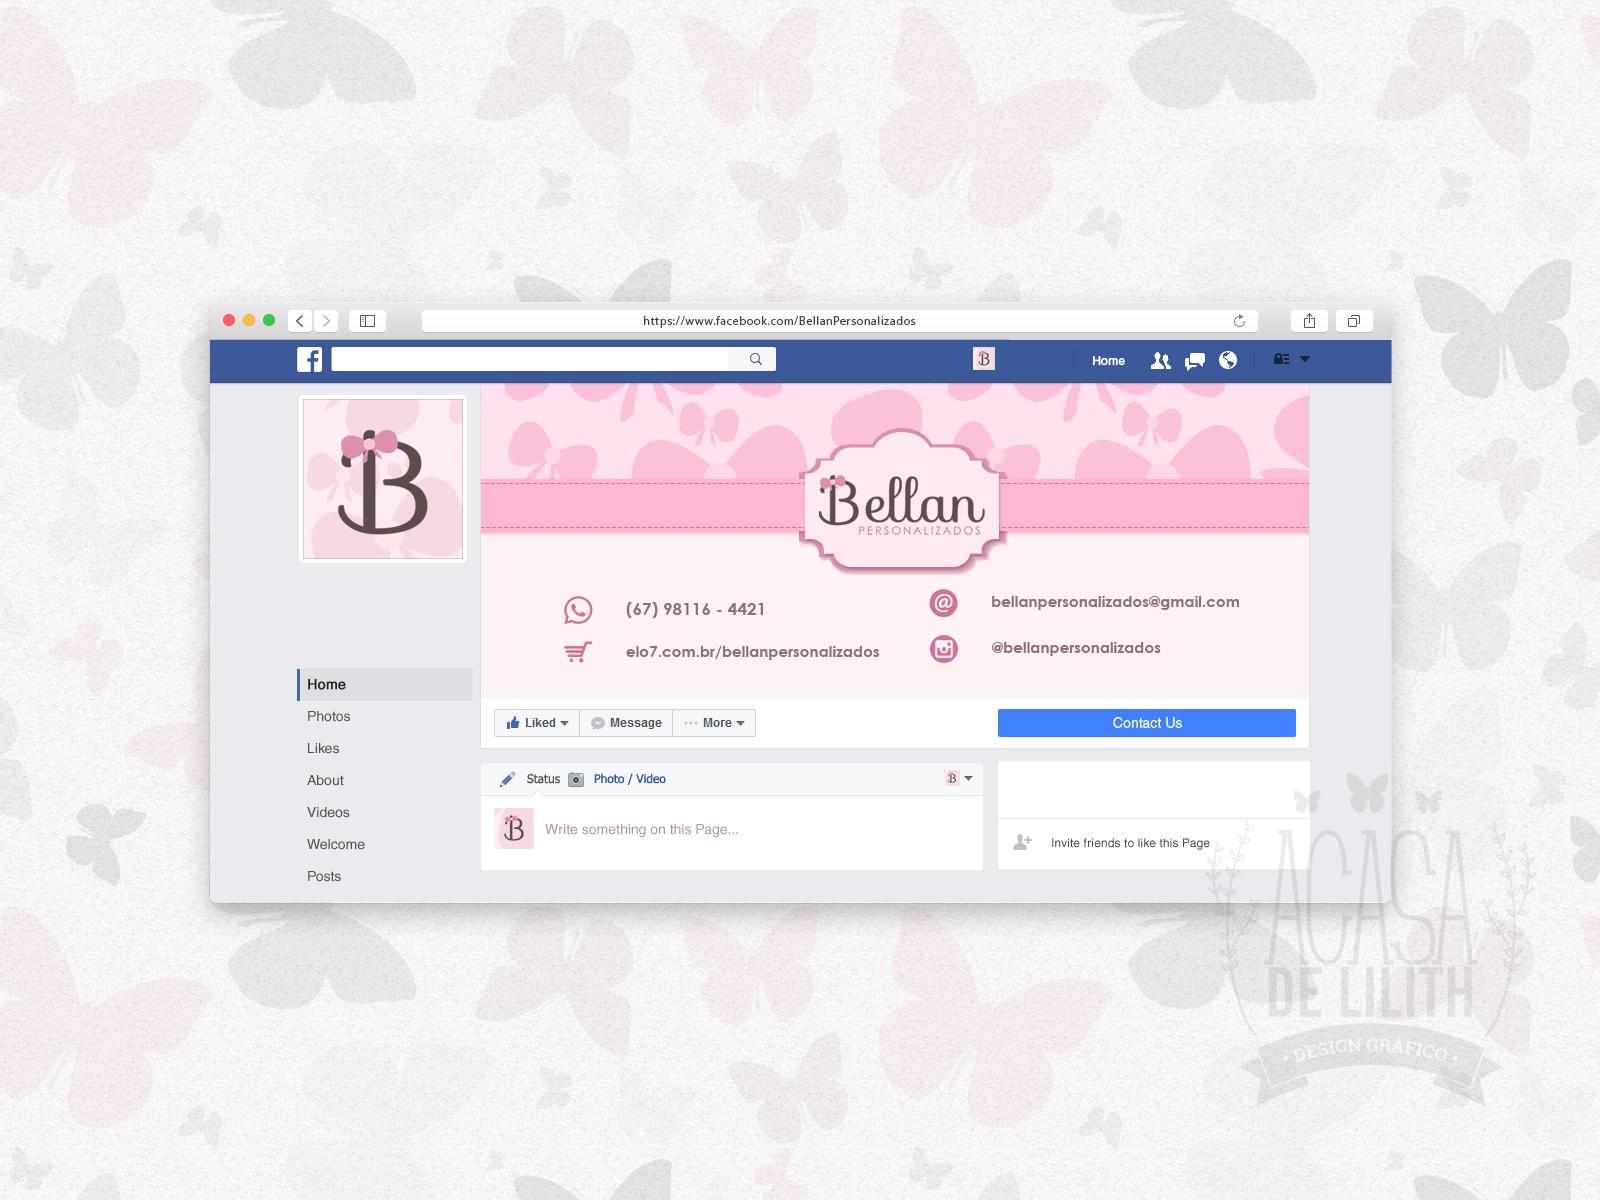 Criação de Identidade Visual: Logotipo, Papelaria Personalizada e Arte para Facebook e Loja Elo7